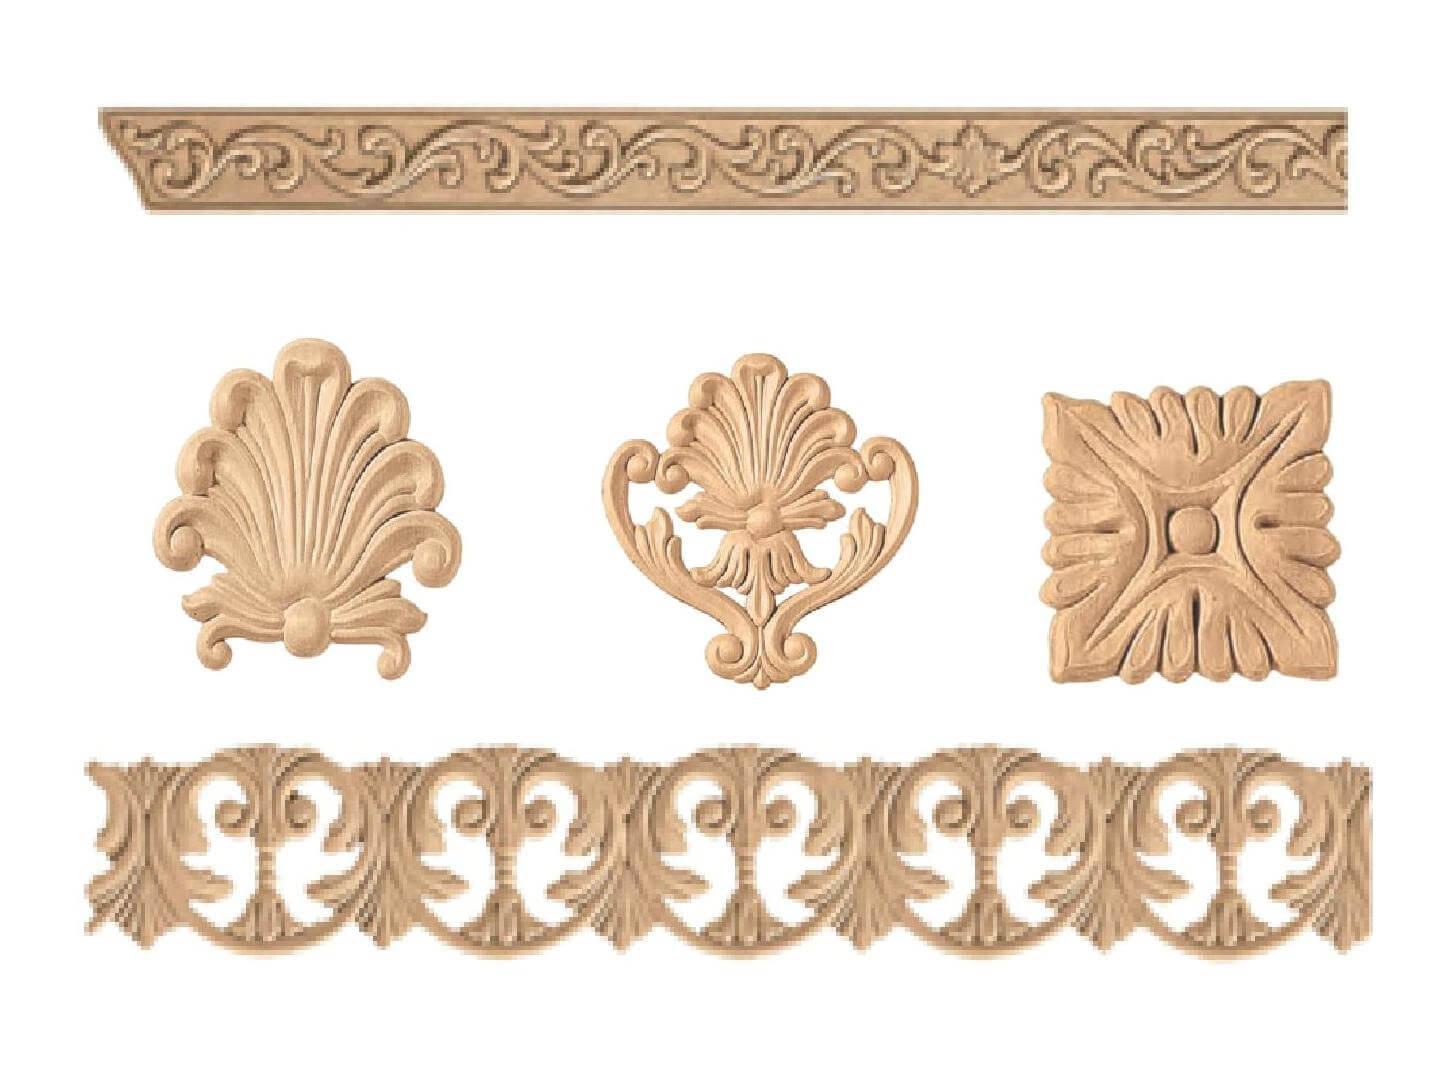 Fregi legno pressato 85748 - Decorazioni in legno ...